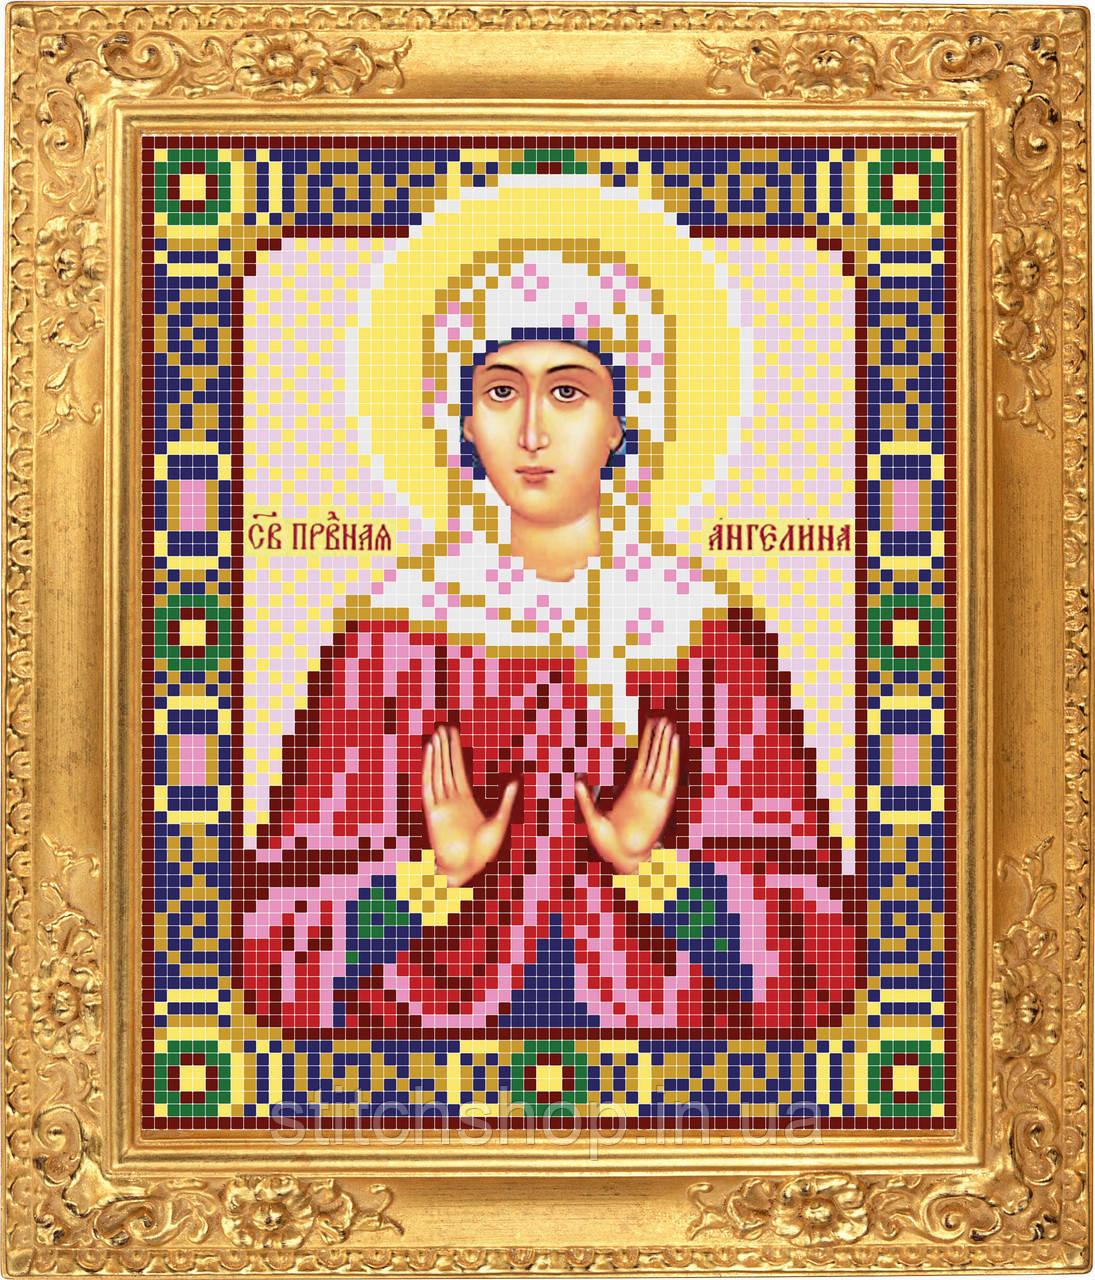 АР 2036 Святая Ангелина Сербская. BUTiK. Схема на ткани для вышивания бисером